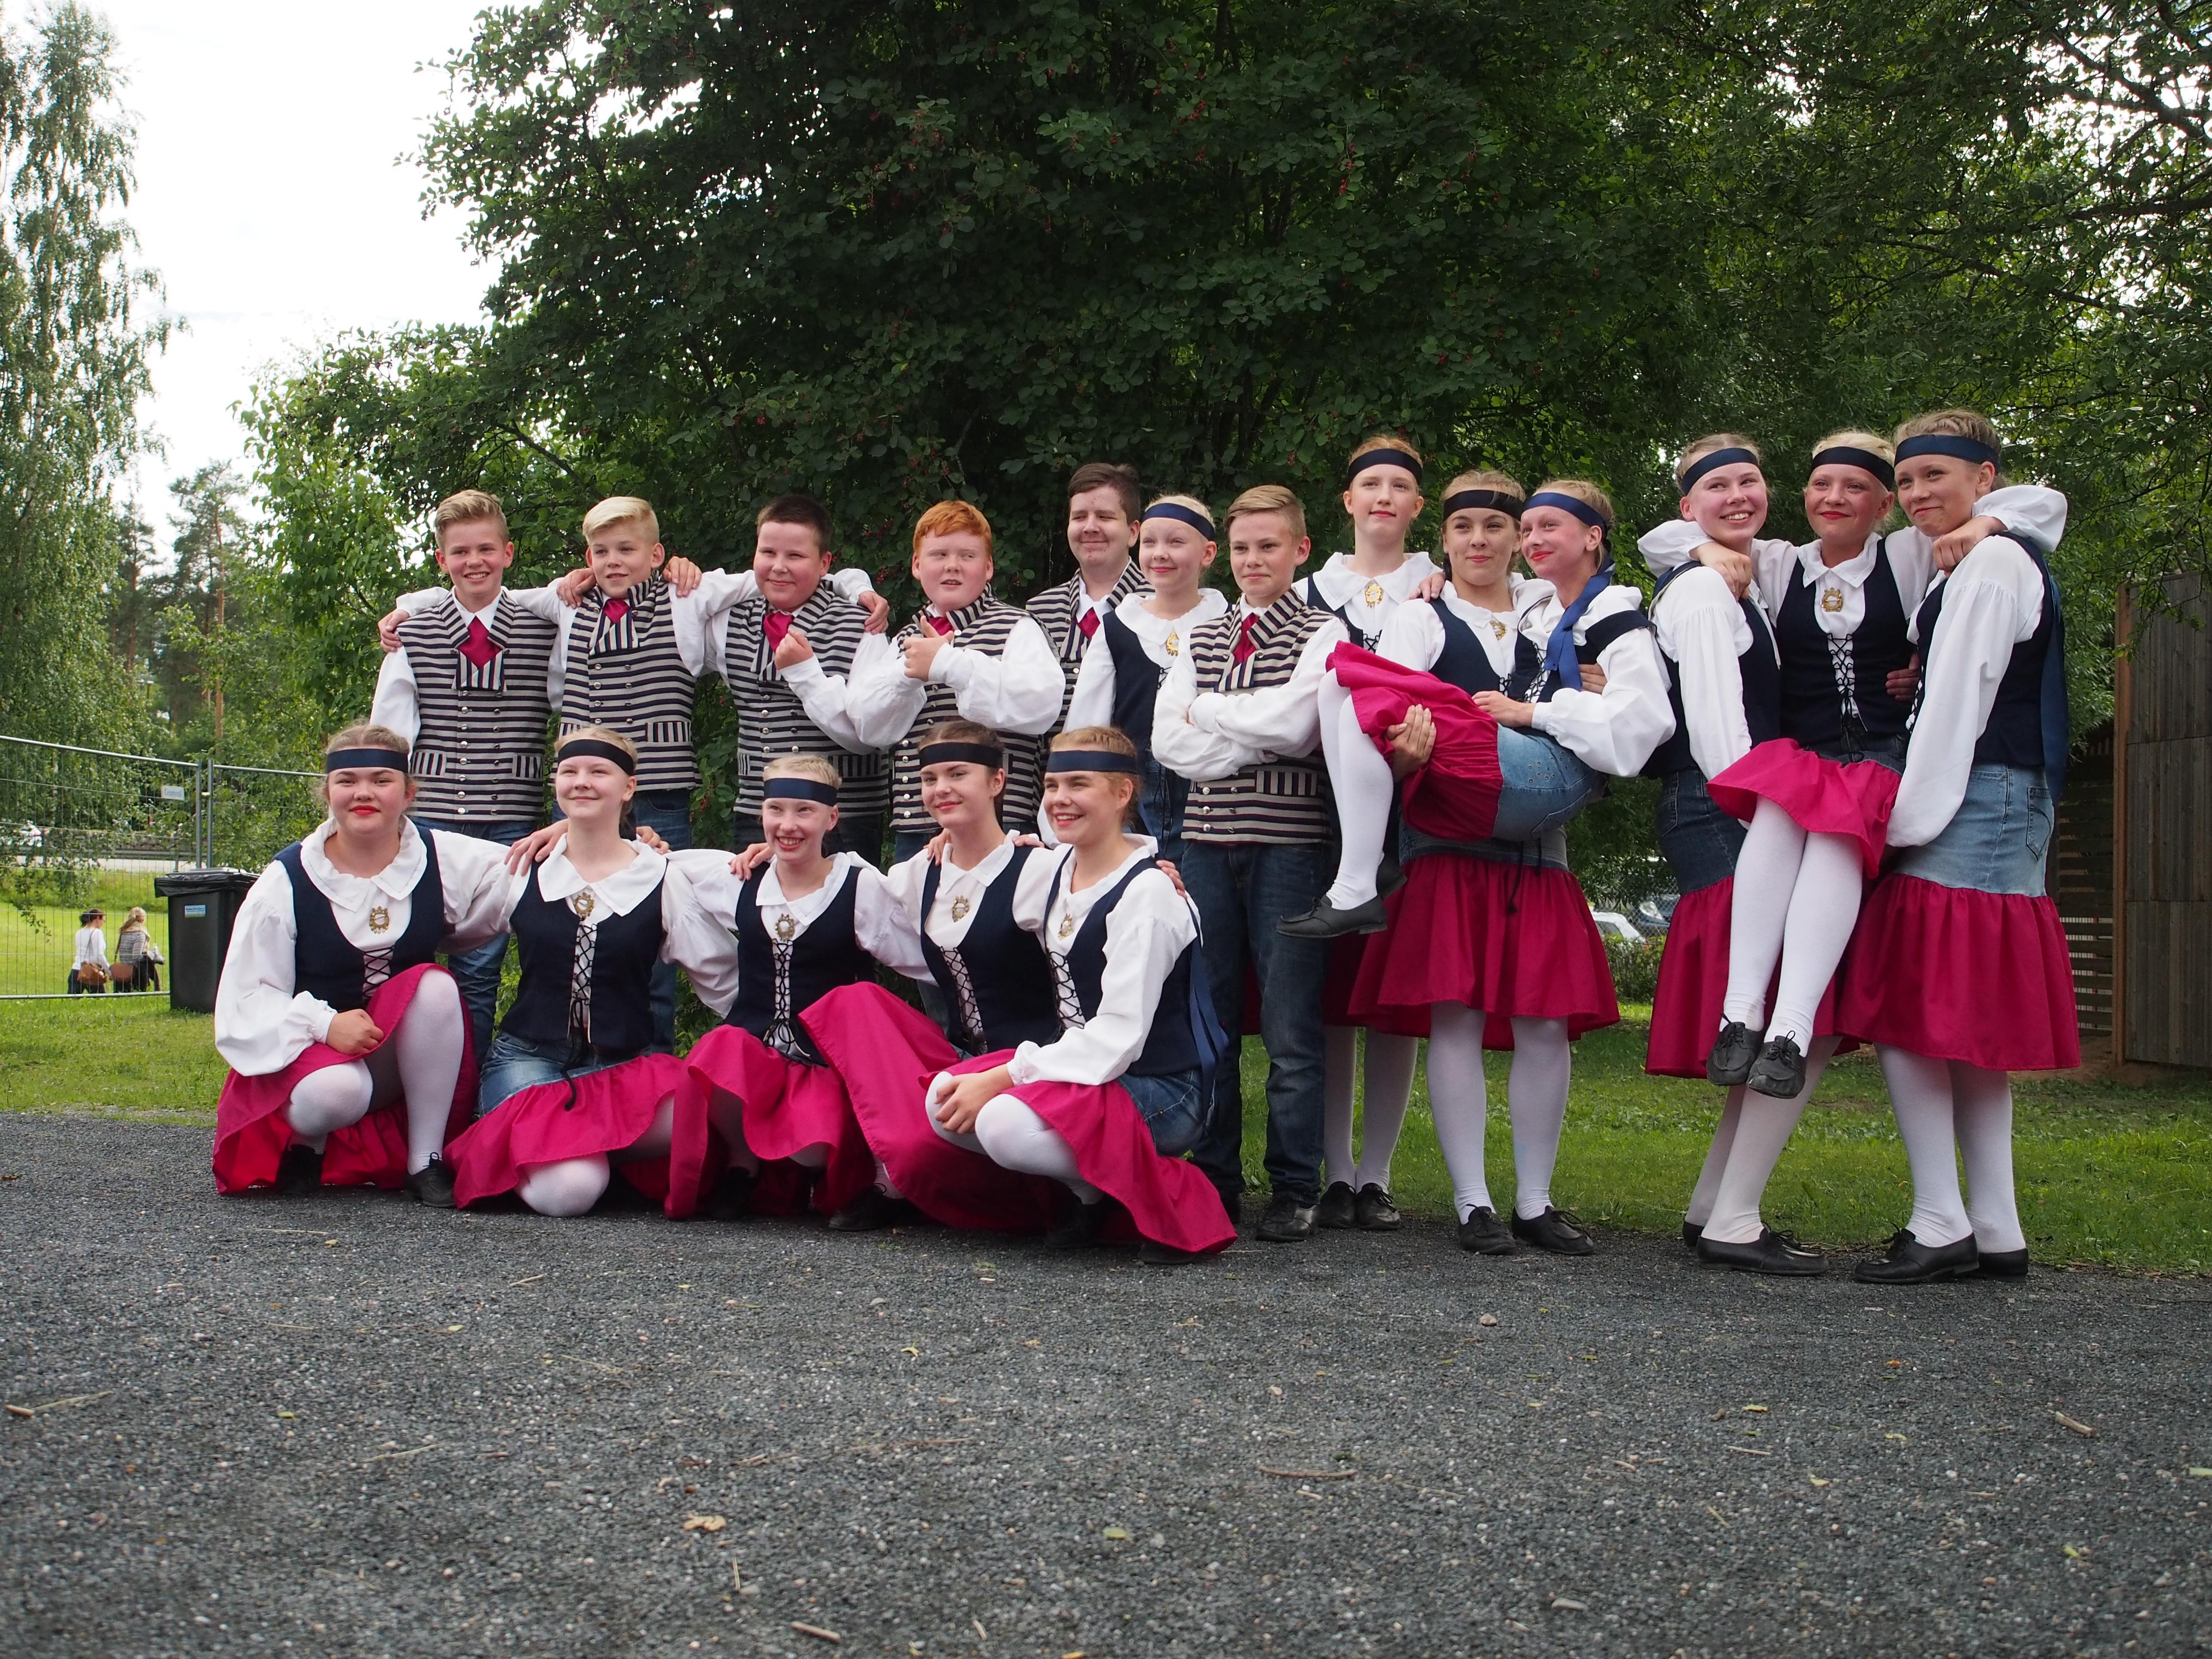 Kaustislainen kansantanssiryhmä JunioriOttoset poseeraa keikan jälkeisissä iloisissa tunnelmissa vuonna 2016. Kuvan on ottanut Eveliina Aho.